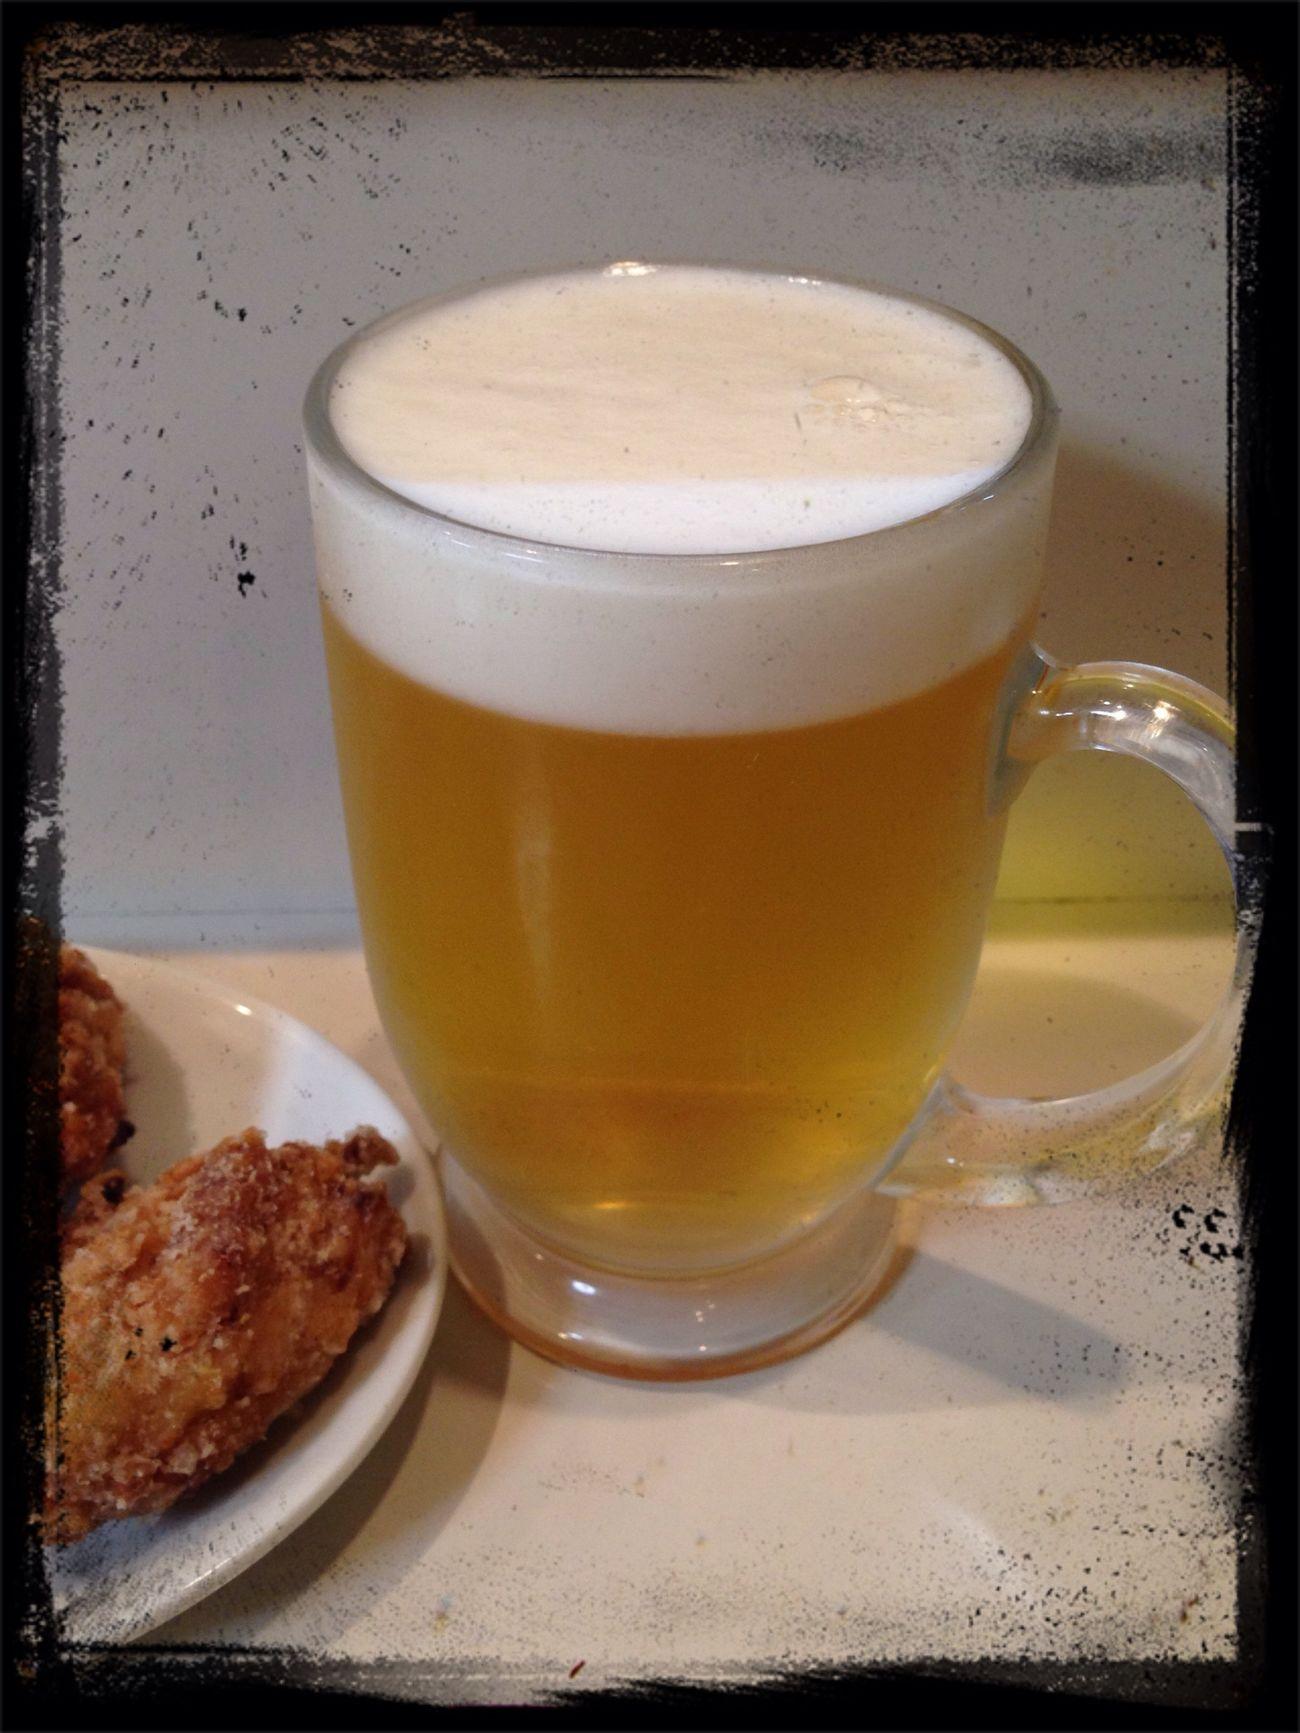 空っぽになったビールが生き返った!んでカラーゲが生まれた!(^○^)